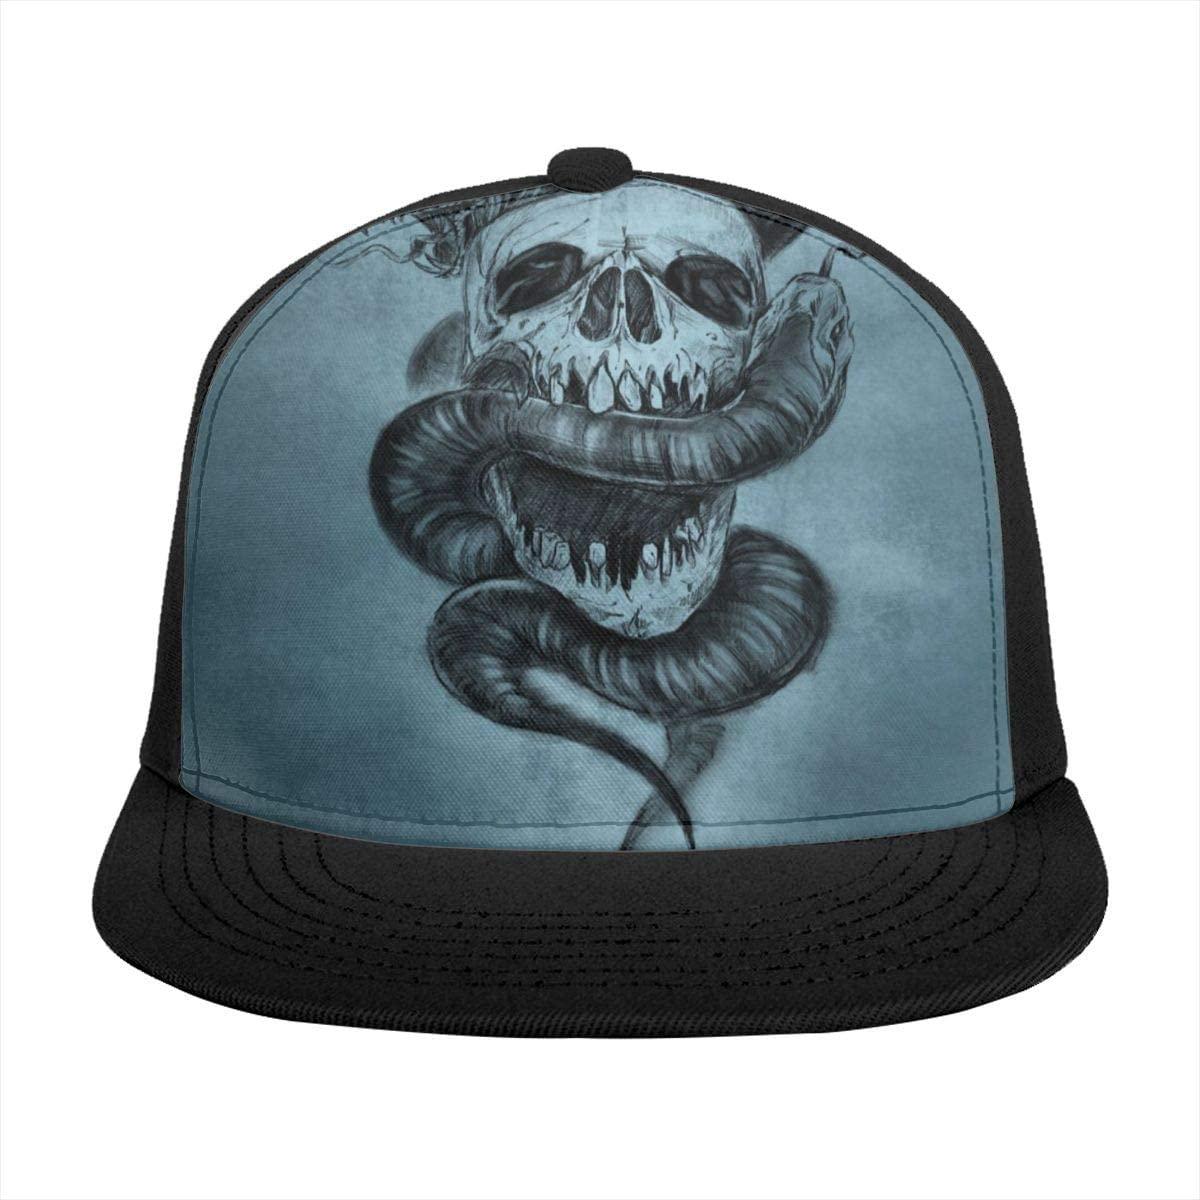 Baseball Cap Amazing Snake with Skull Sun Visor Flat Brim Hats Cap for Women Men Summer